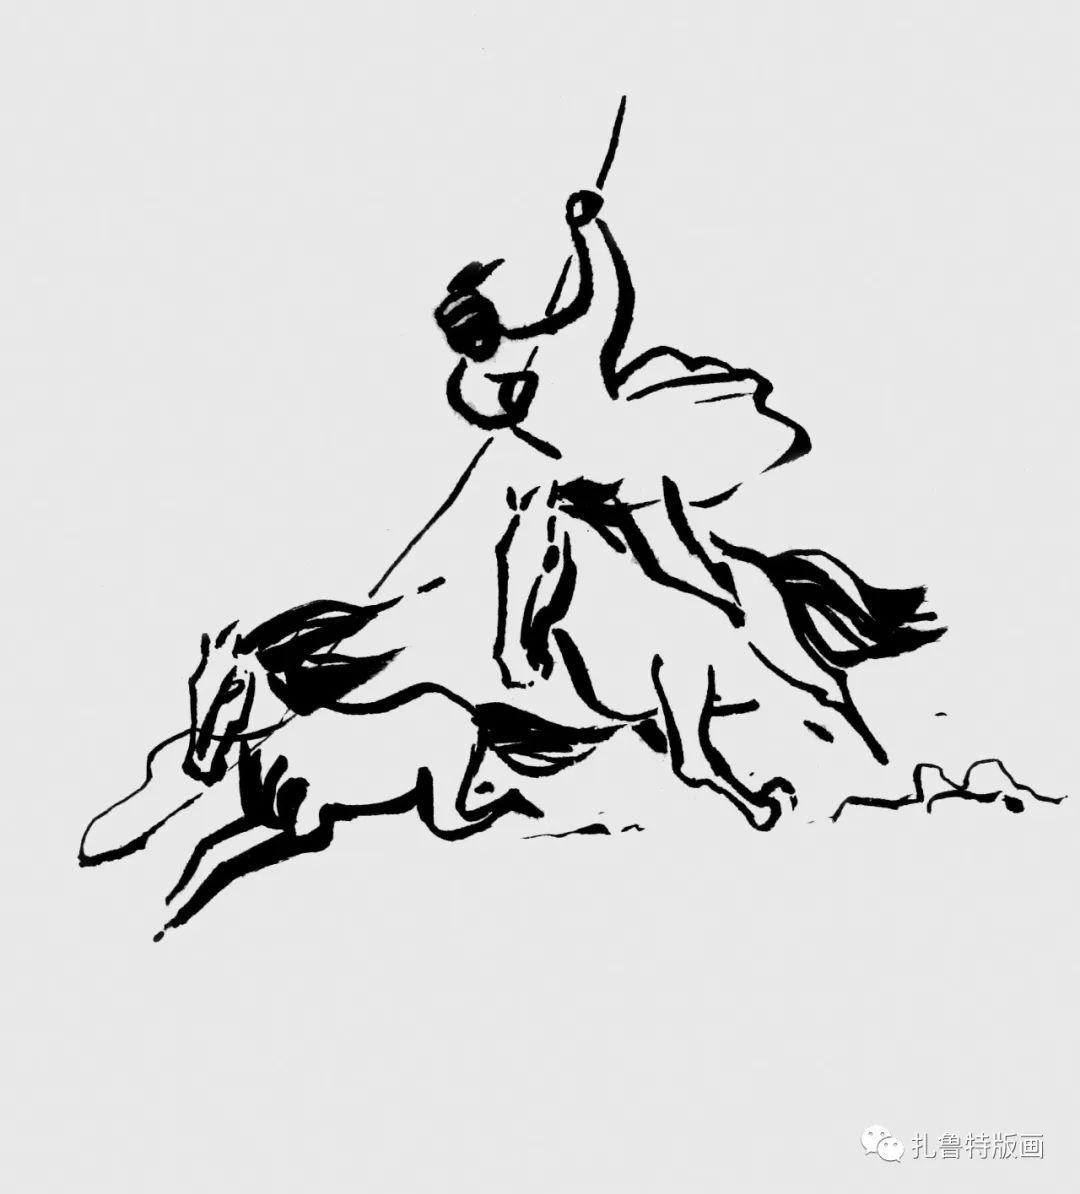 草原文化传承之星--佟金峰 第3张 草原文化传承之星--佟金峰 蒙古画廊